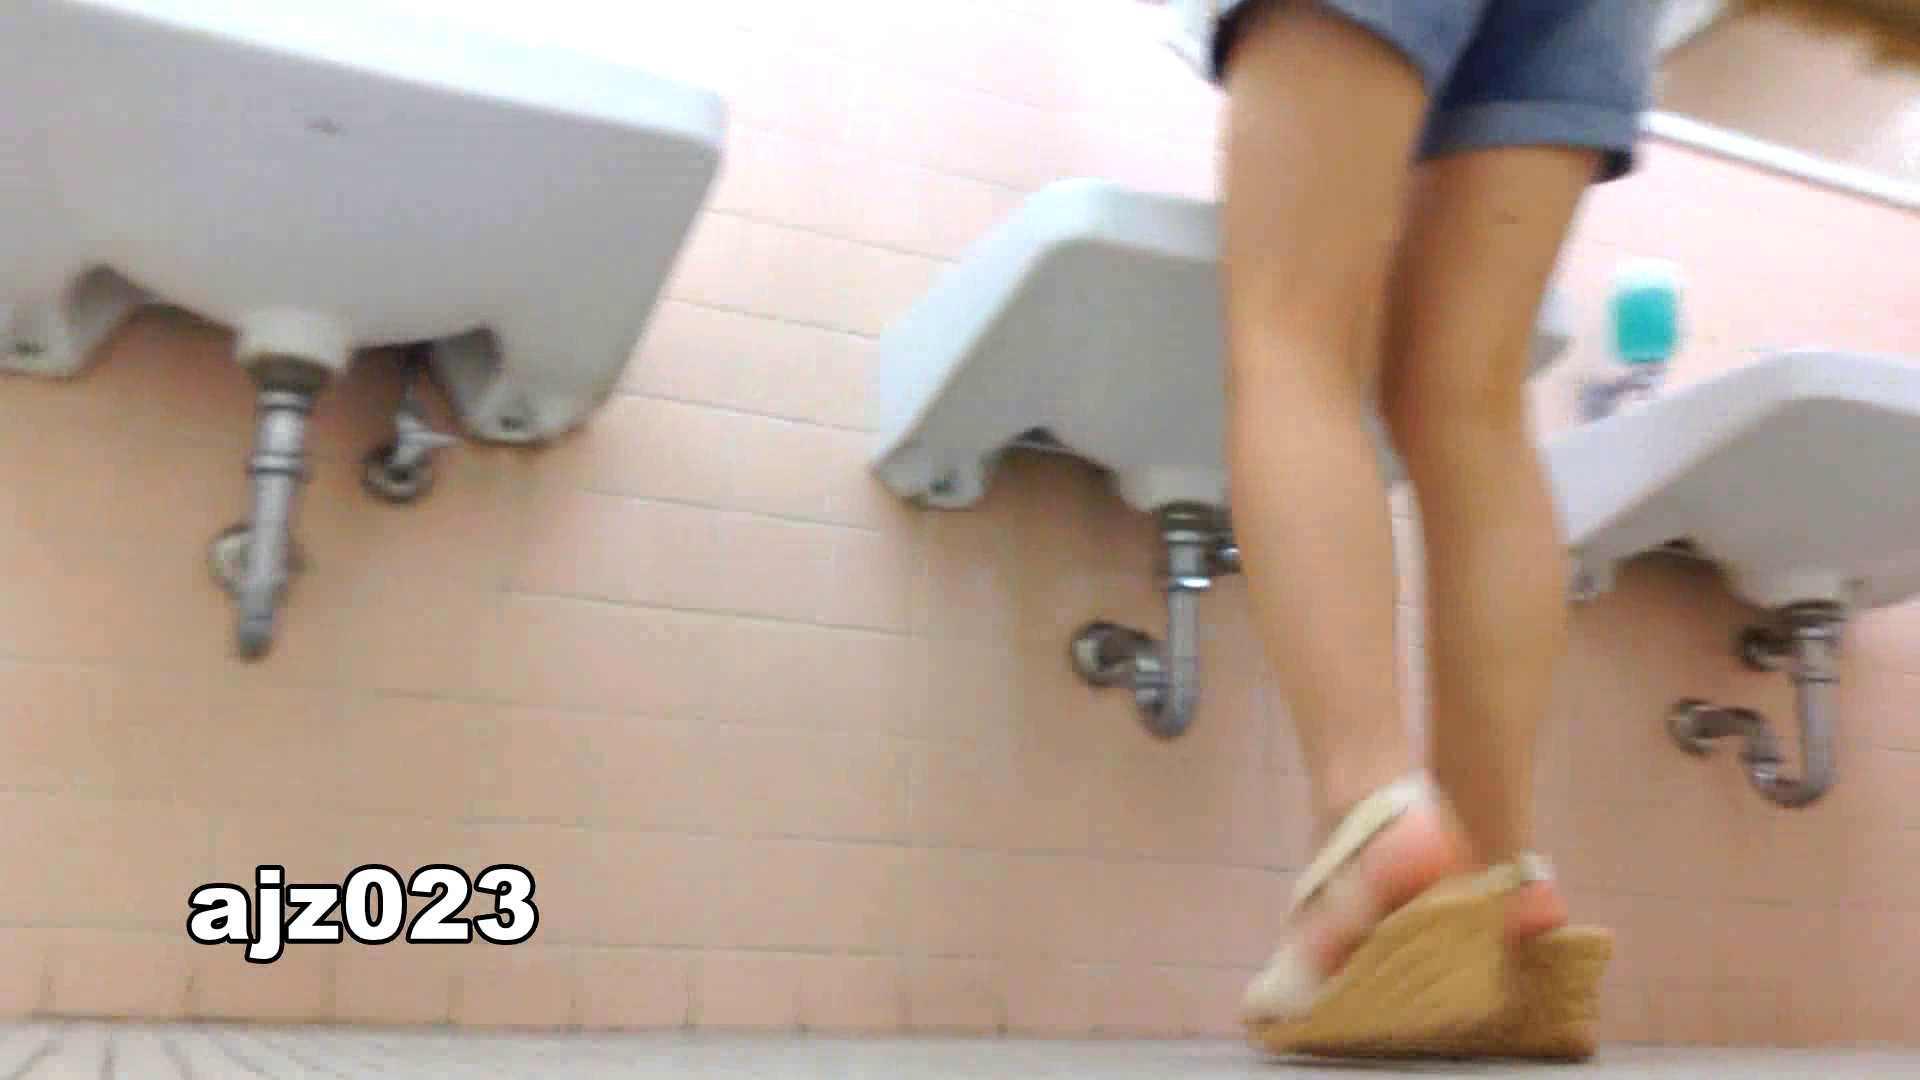 某有名大学女性洗面所 vol.23 排泄 AV無料 52pic 5